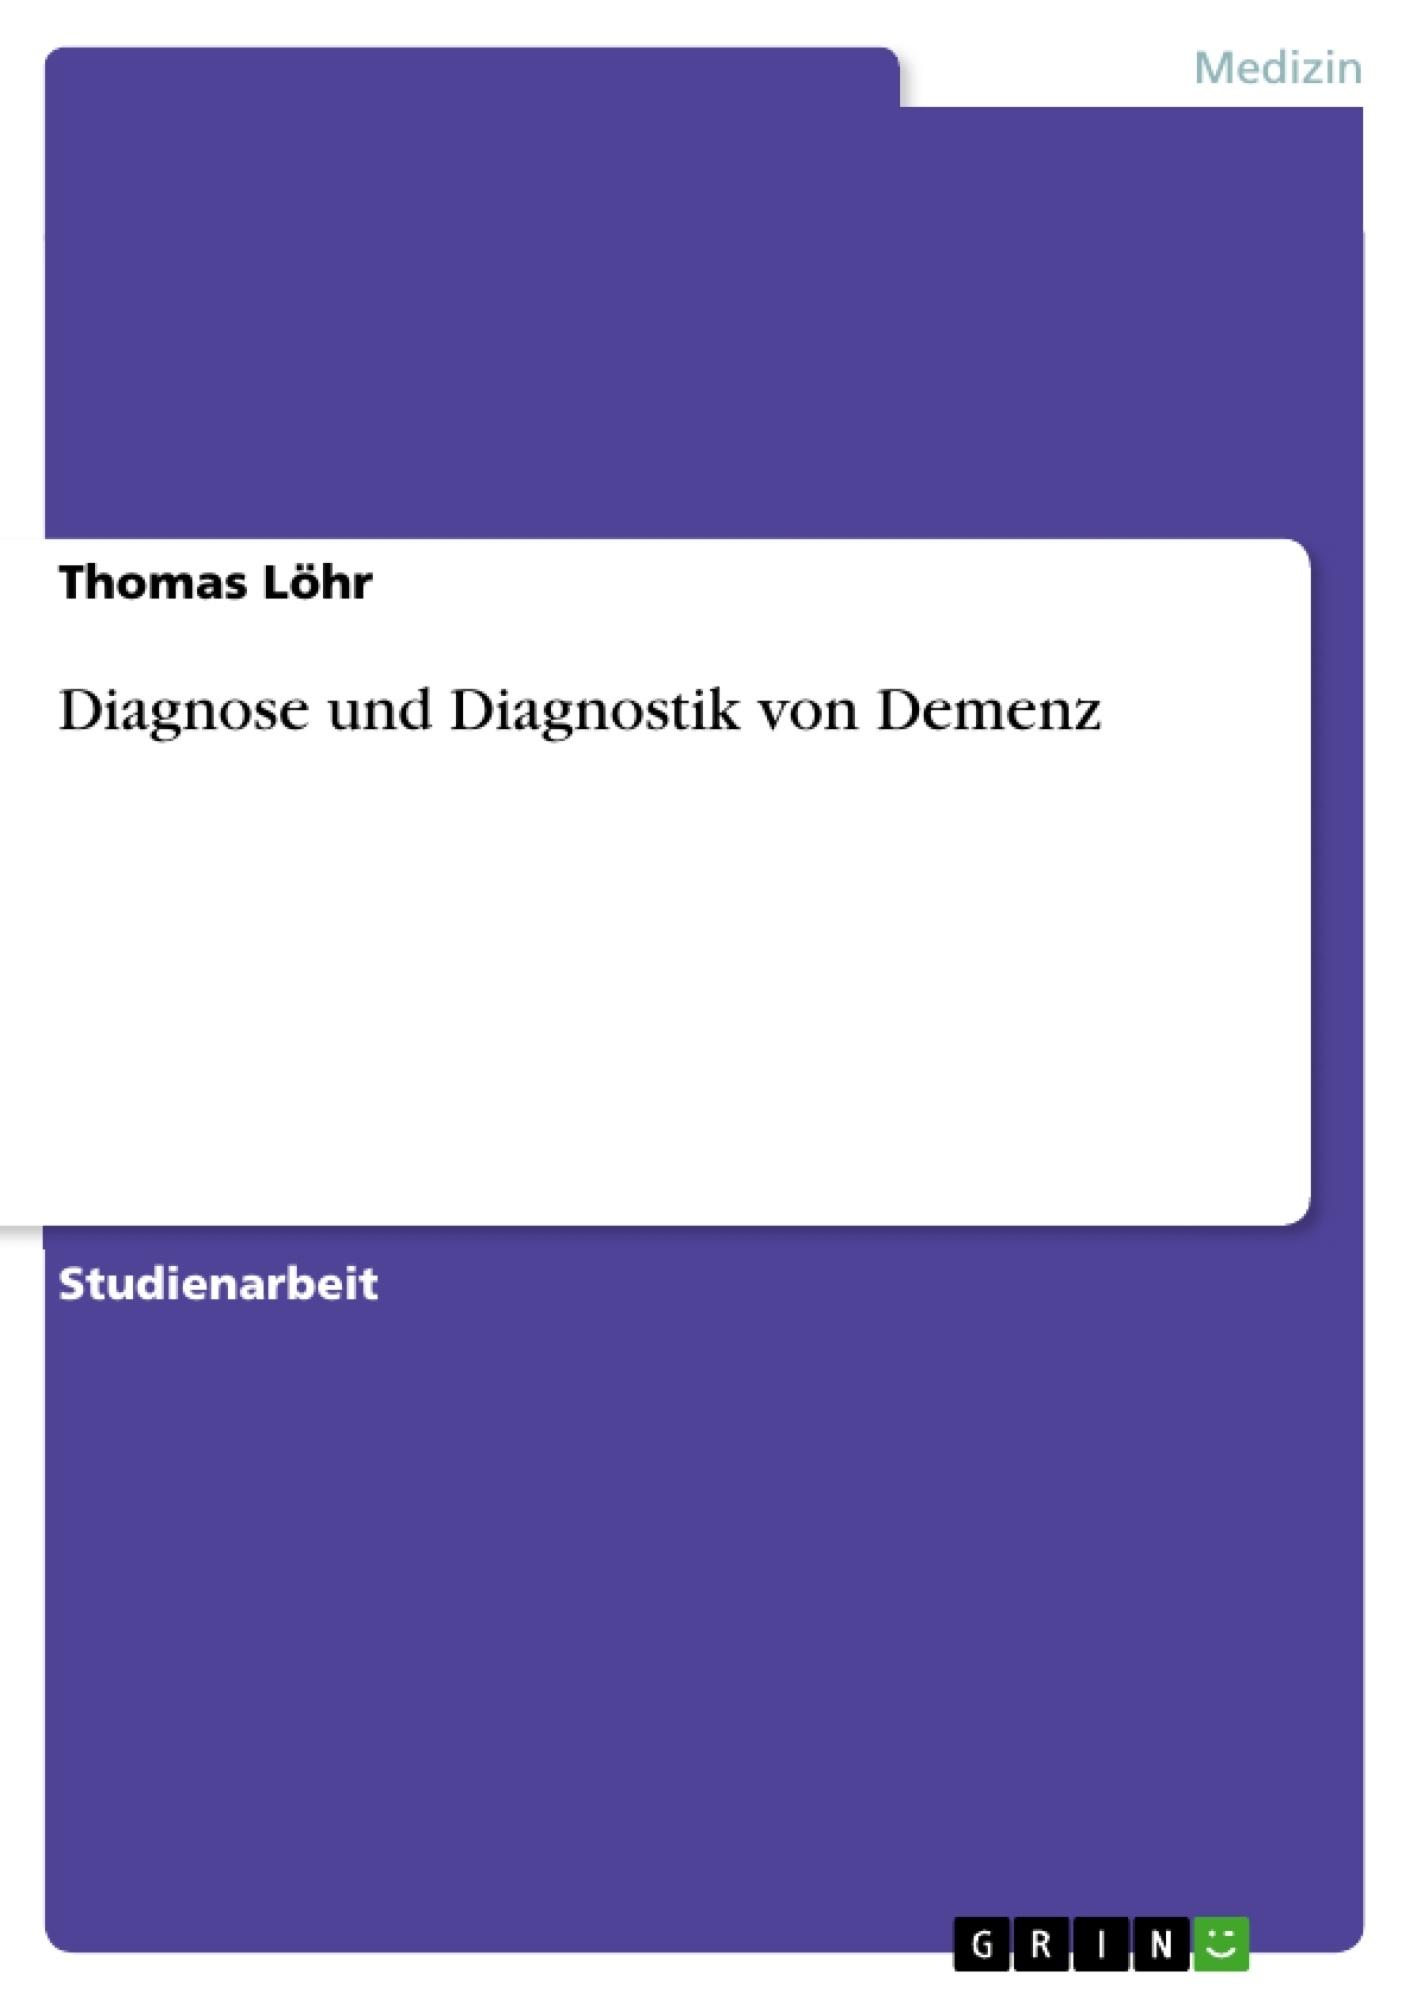 Titel: Diagnose und Diagnostik von Demenz